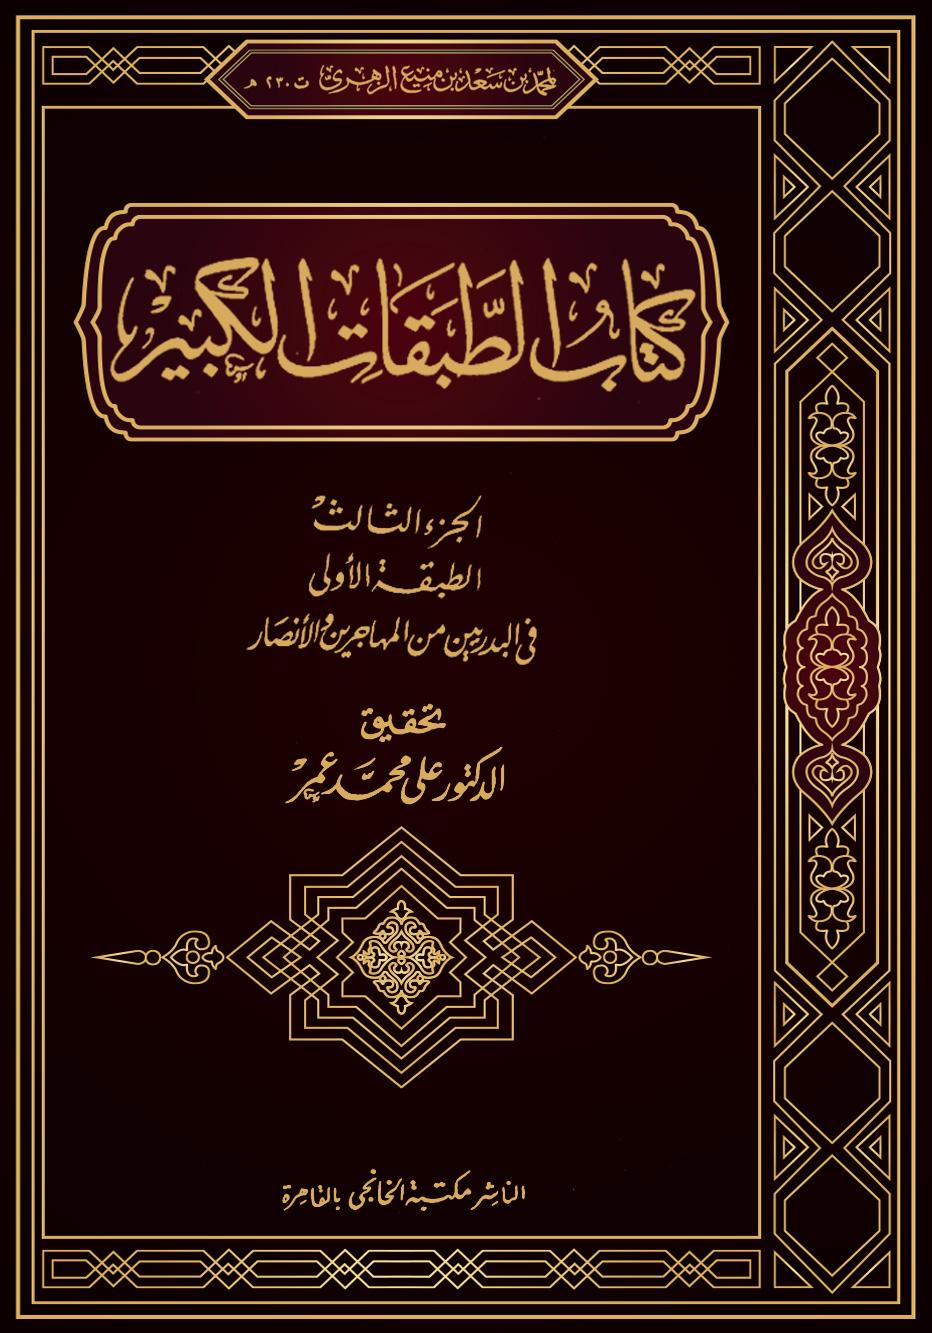 كتاب الطبقات الكبير (الجزء الثالث: الطبقة الأولى في البدريين من المهاجرين والأنصار)